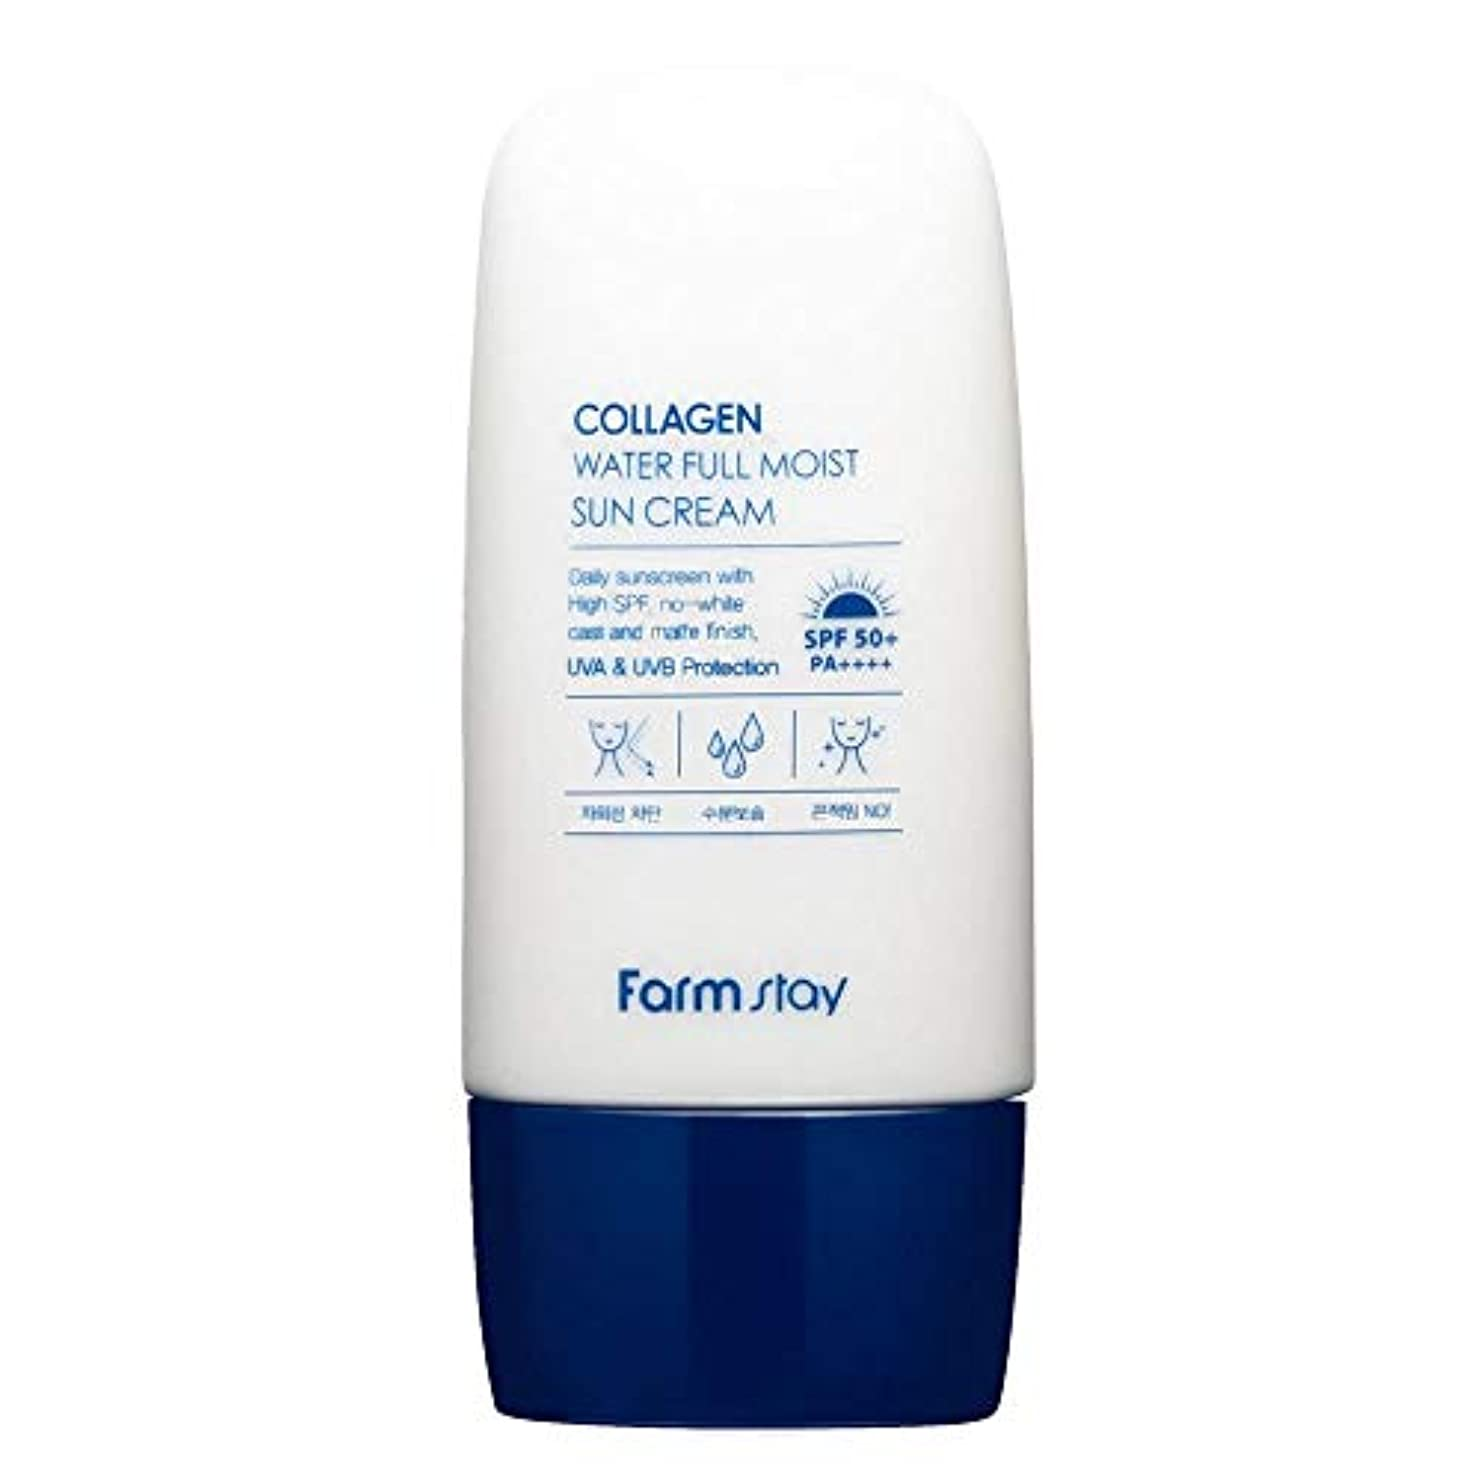 つぶやき望まないアラブサラボファームステイ[Farm Stay] コラーゲンウォーターフルモイストサンクリーム45g / Collagen Water Full Moist Sun Cream